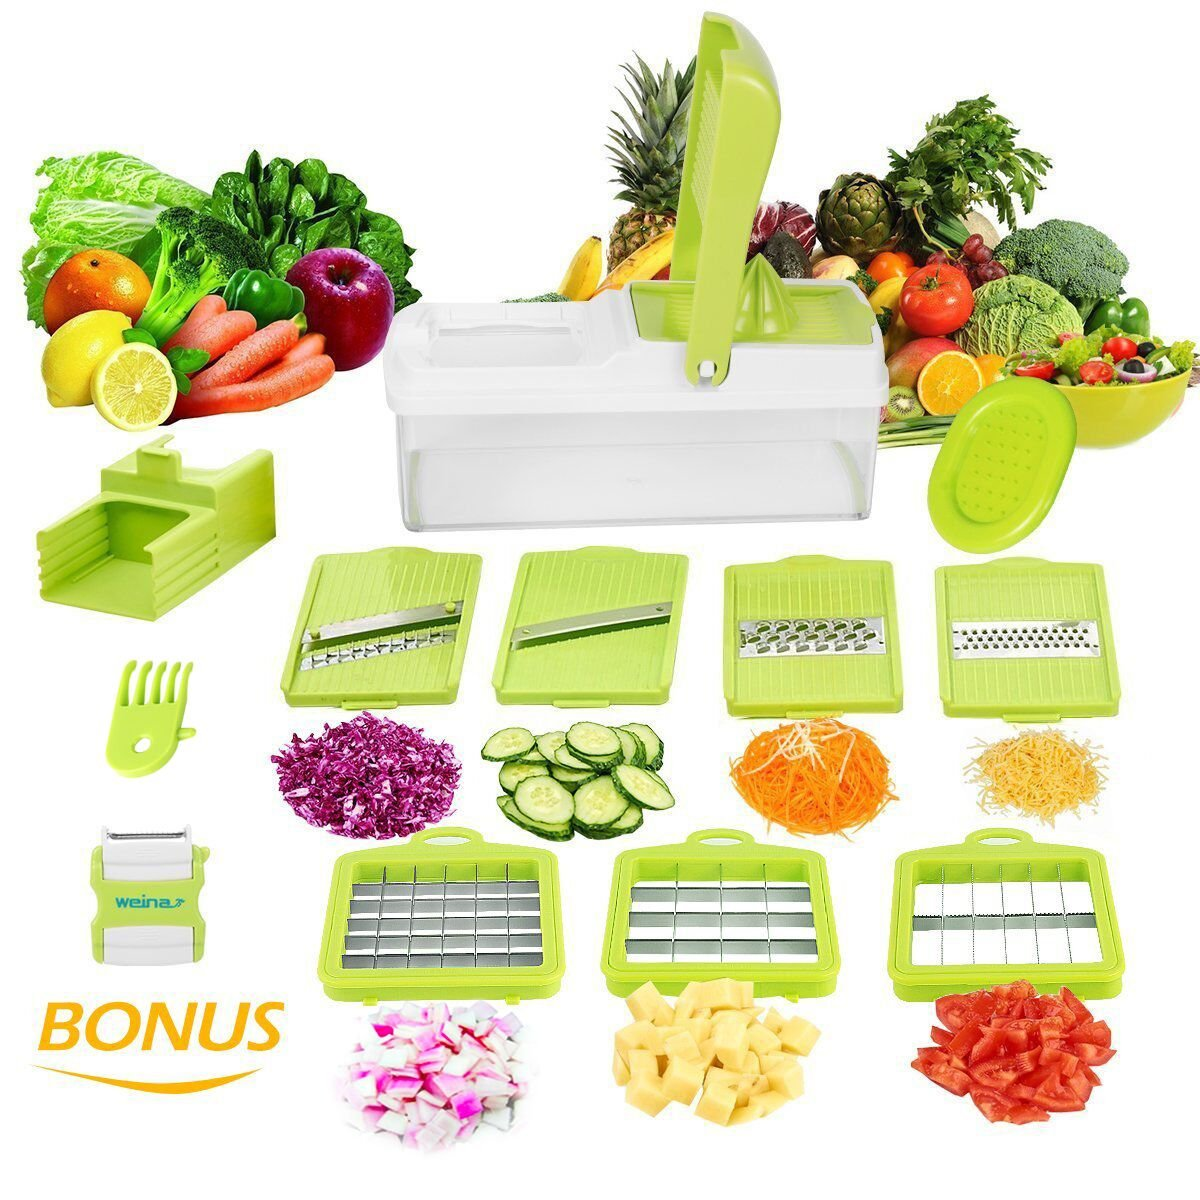 10 in 1 Verstellbarer Mandoline Gemüseschneider Kartoffelschneider, Zerteilen Gemüse Obst Schnell und gleichmäßig, Multischneider, Gemüsehobel, Gemüseschäler, Gemüsereibe und Julienneschneider in 1 von WEINAS (Mandoline Gemüseschneider) (Mandoline) Gemüse